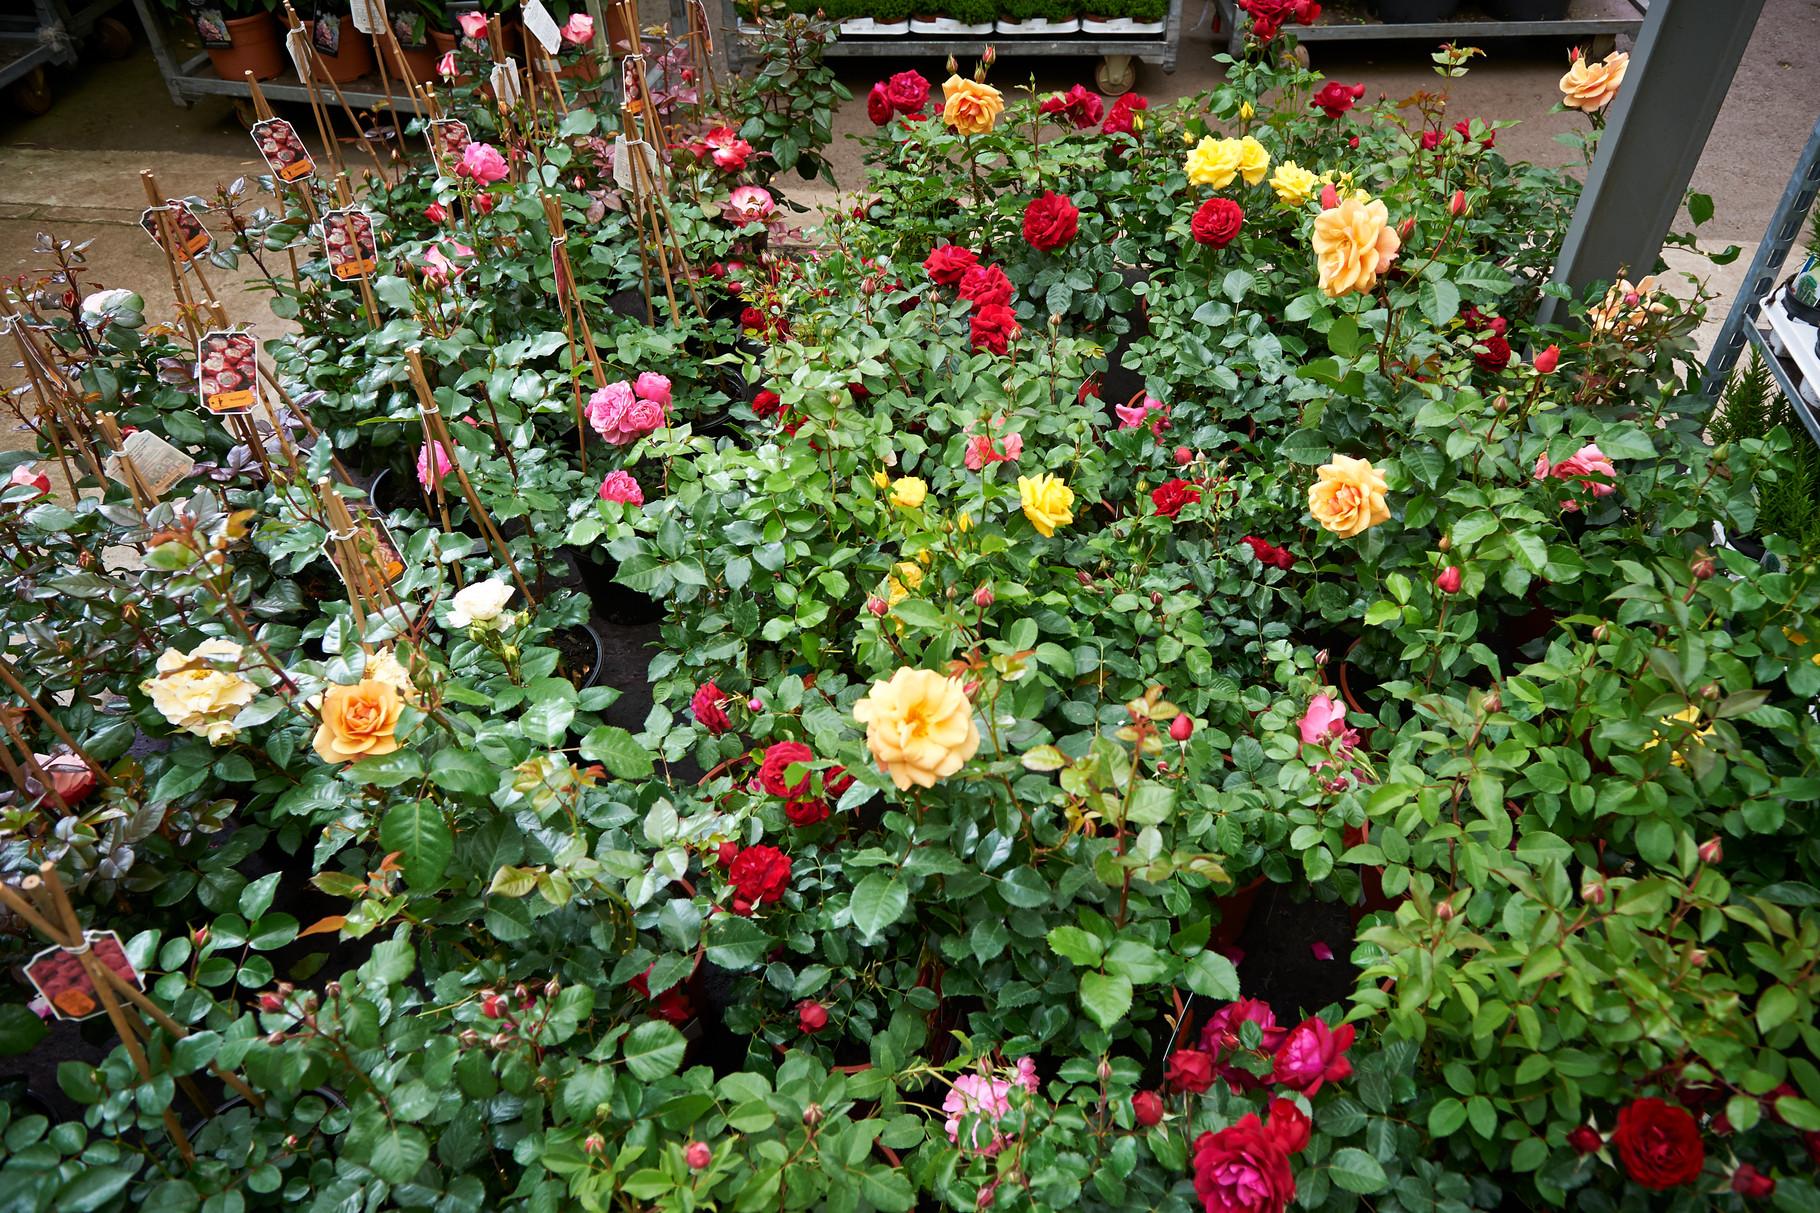 Sommerzeit - Rosenzeit